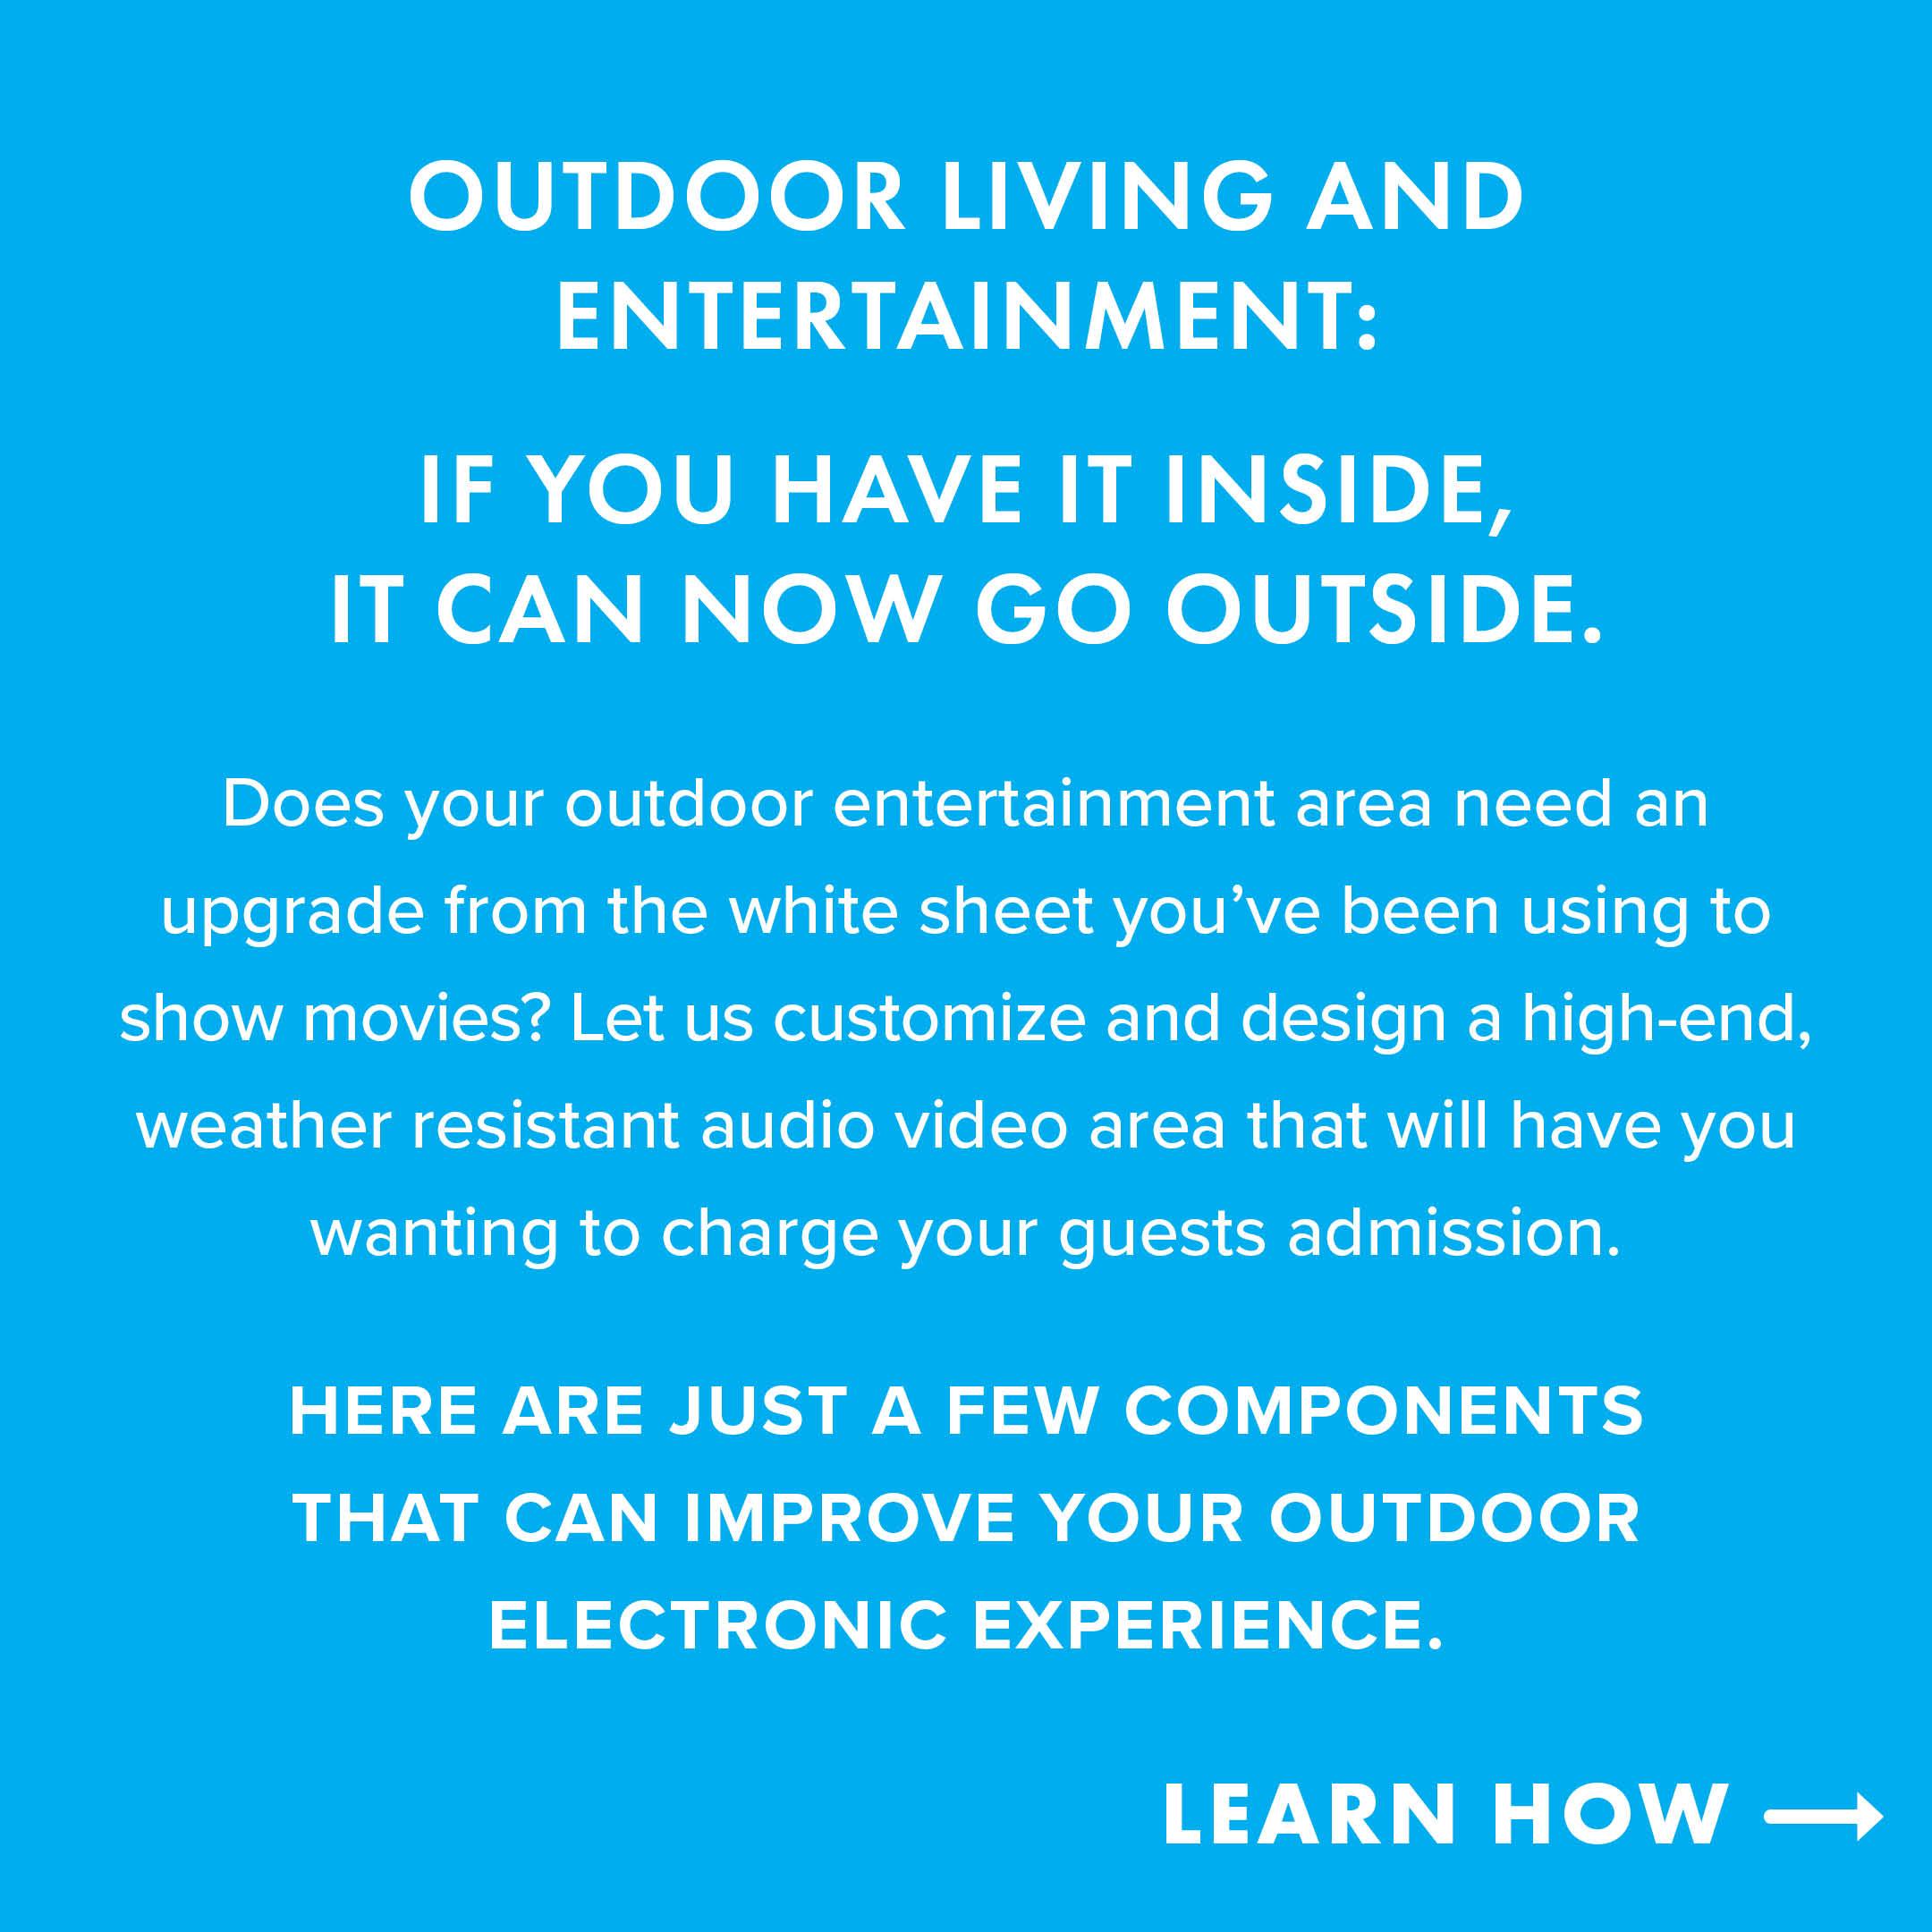 OutdoorLiving_SOC_1080x1080_2.jpg